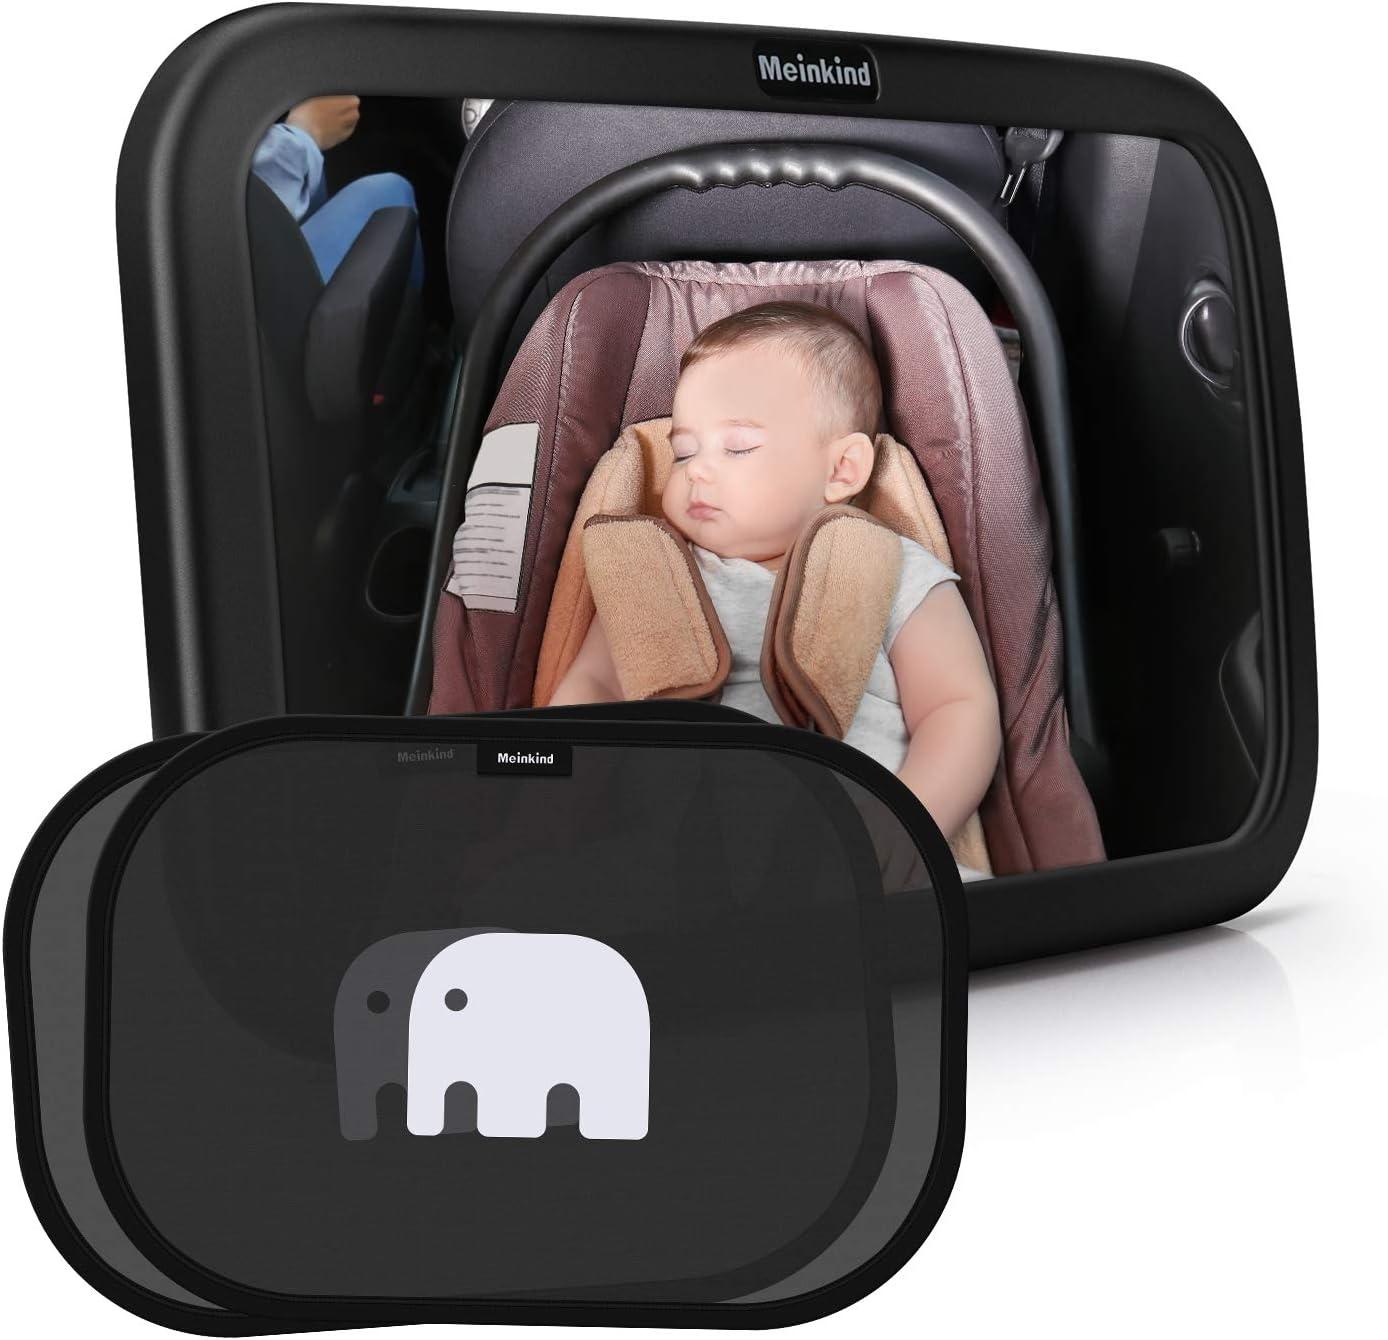 Meinkind Espejo Retrovisor Bebé para Vigilar al Bebé en Coche, 360° Ajustable Irrompible 100% Inastillable Espejo Coche